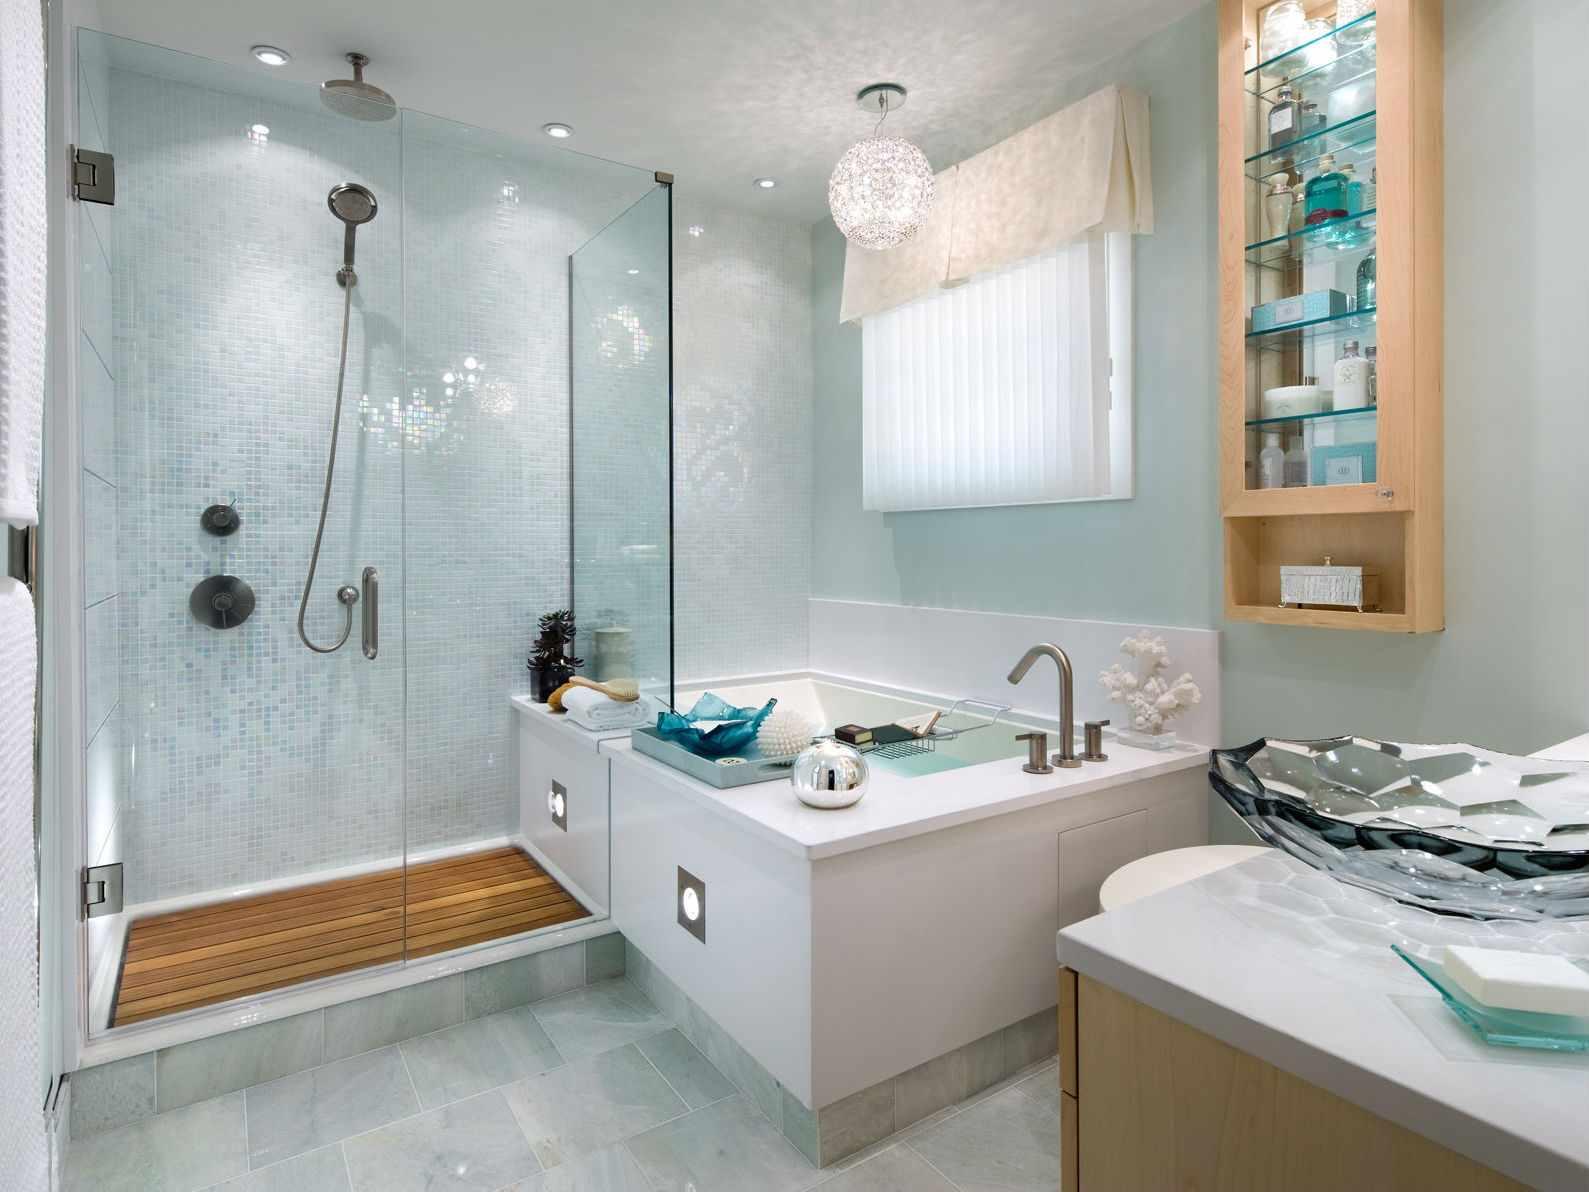 пример светлого дизайна ванной комнаты